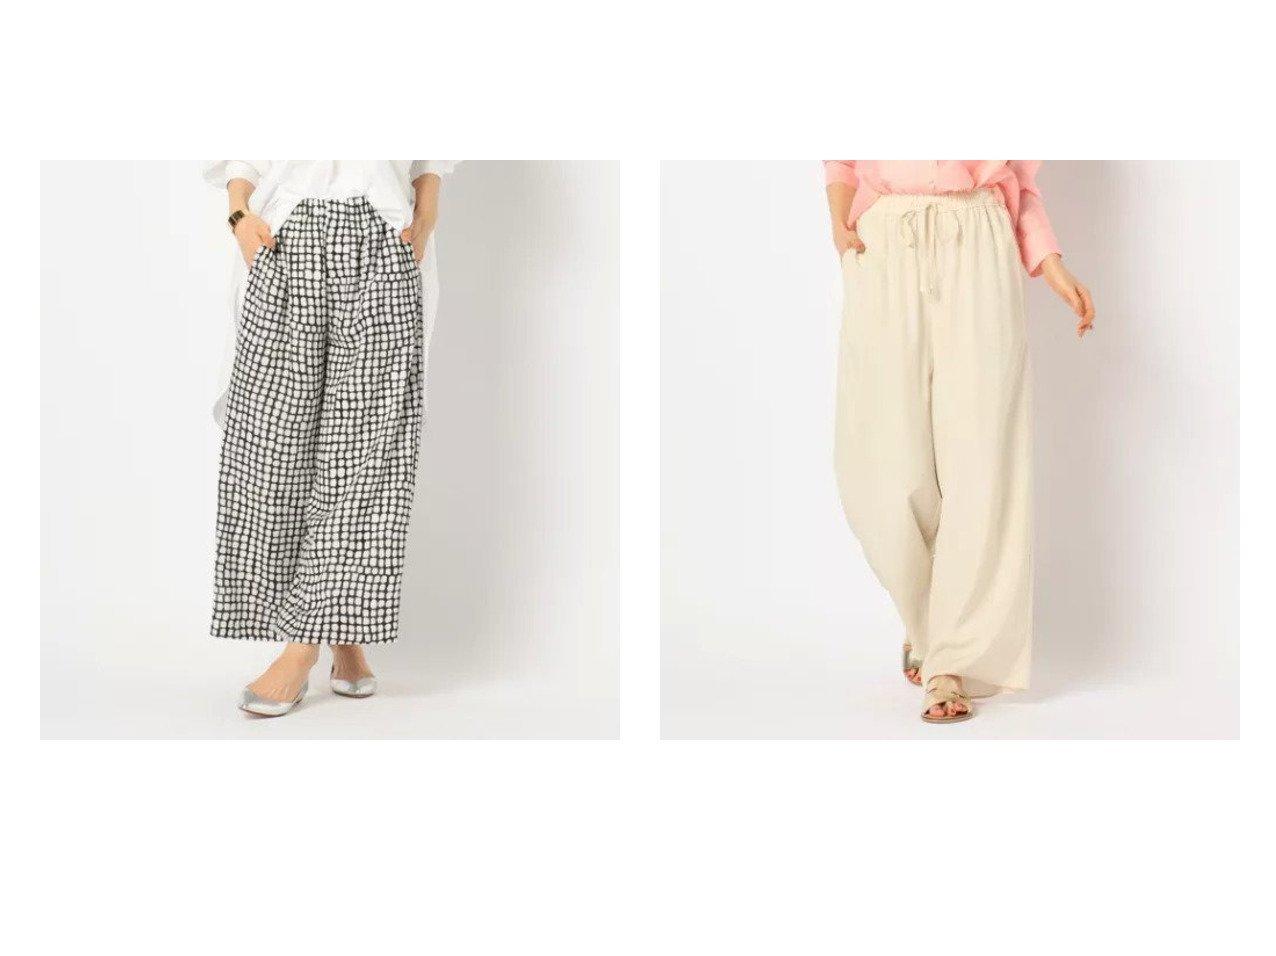 【NOLLEY'S/ノーリーズ】のプリントイージーパンツ&スパンタンブラーイージーパンツ パンツのおすすめ!人気トレンド・レディースファッションの通販 おすすめで人気の流行・トレンド、ファッションの通販商品 メンズファッション・キッズファッション・インテリア・家具・レディースファッション・服の通販 founy(ファニー) https://founy.com/ ファッション Fashion レディースファッション WOMEN パンツ Pants ワイド 春 |ID:crp329100000009041